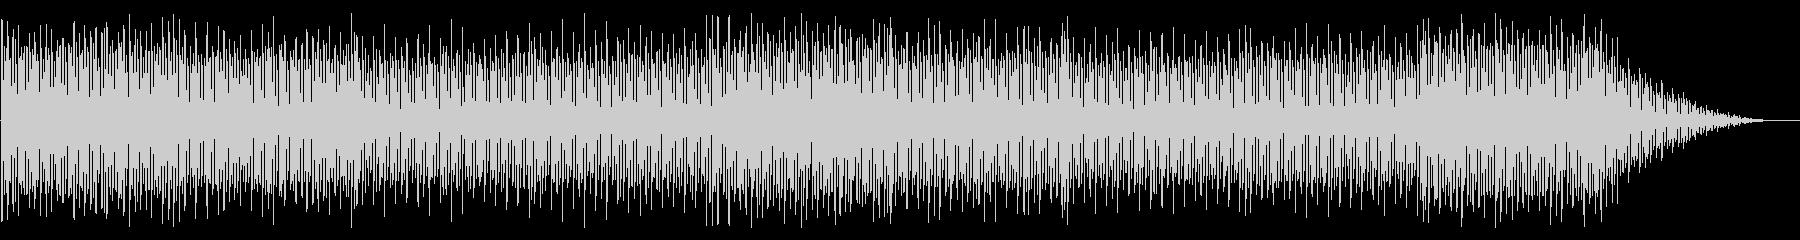 キラキラな明るいハウス系4つ打ちBGMの未再生の波形